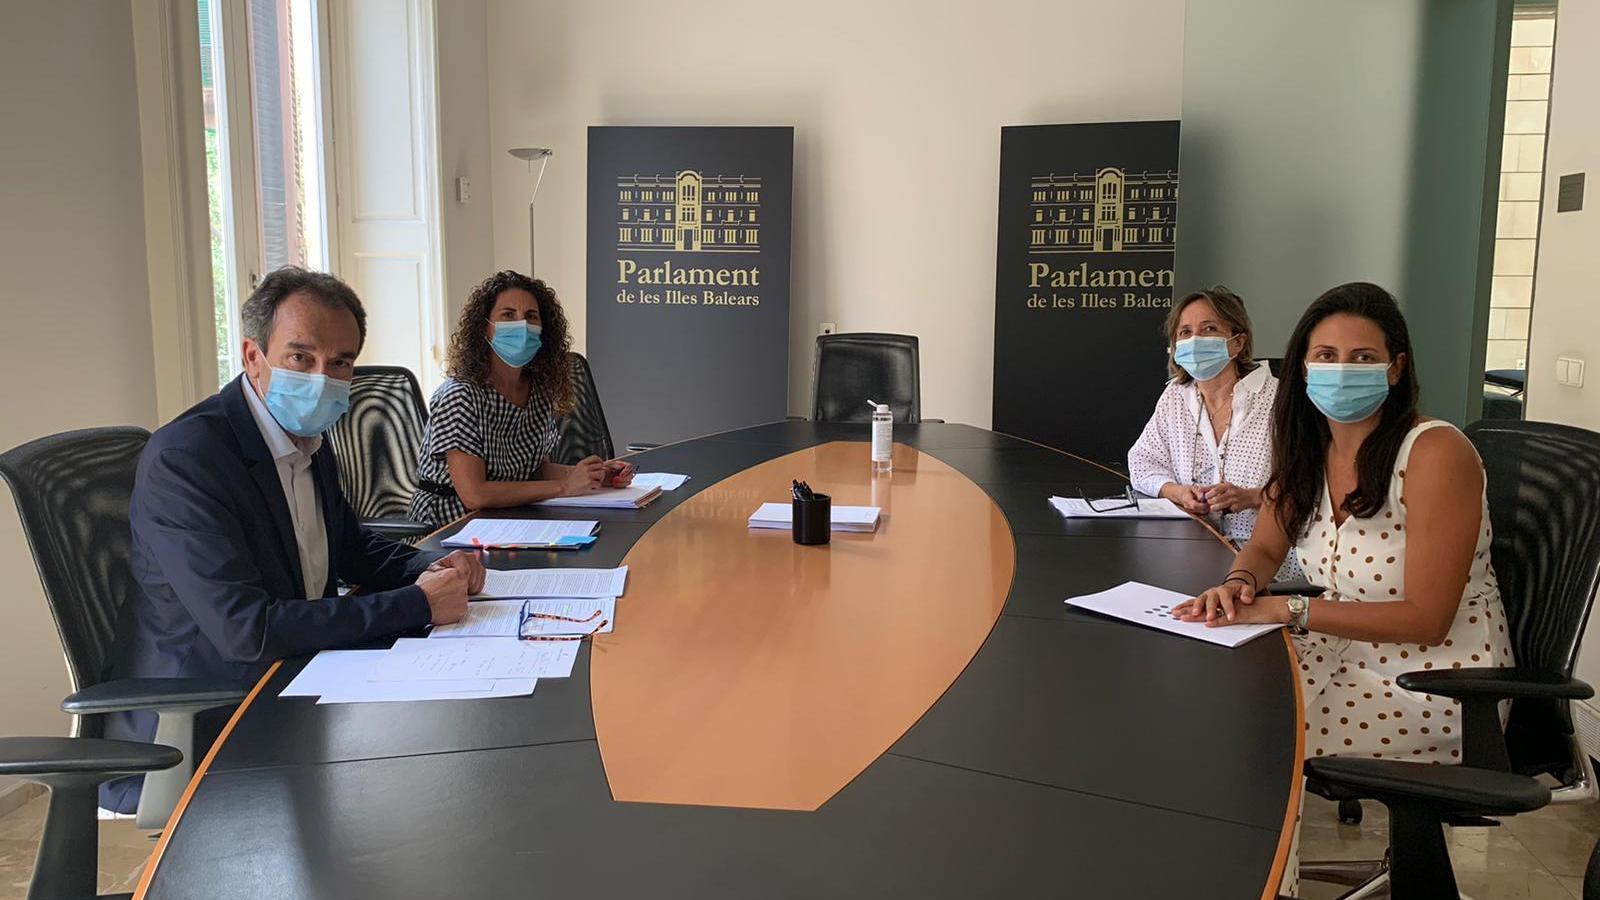 Representants d'un plataforma de psicòlegs clínics reunits amb Ciutadans